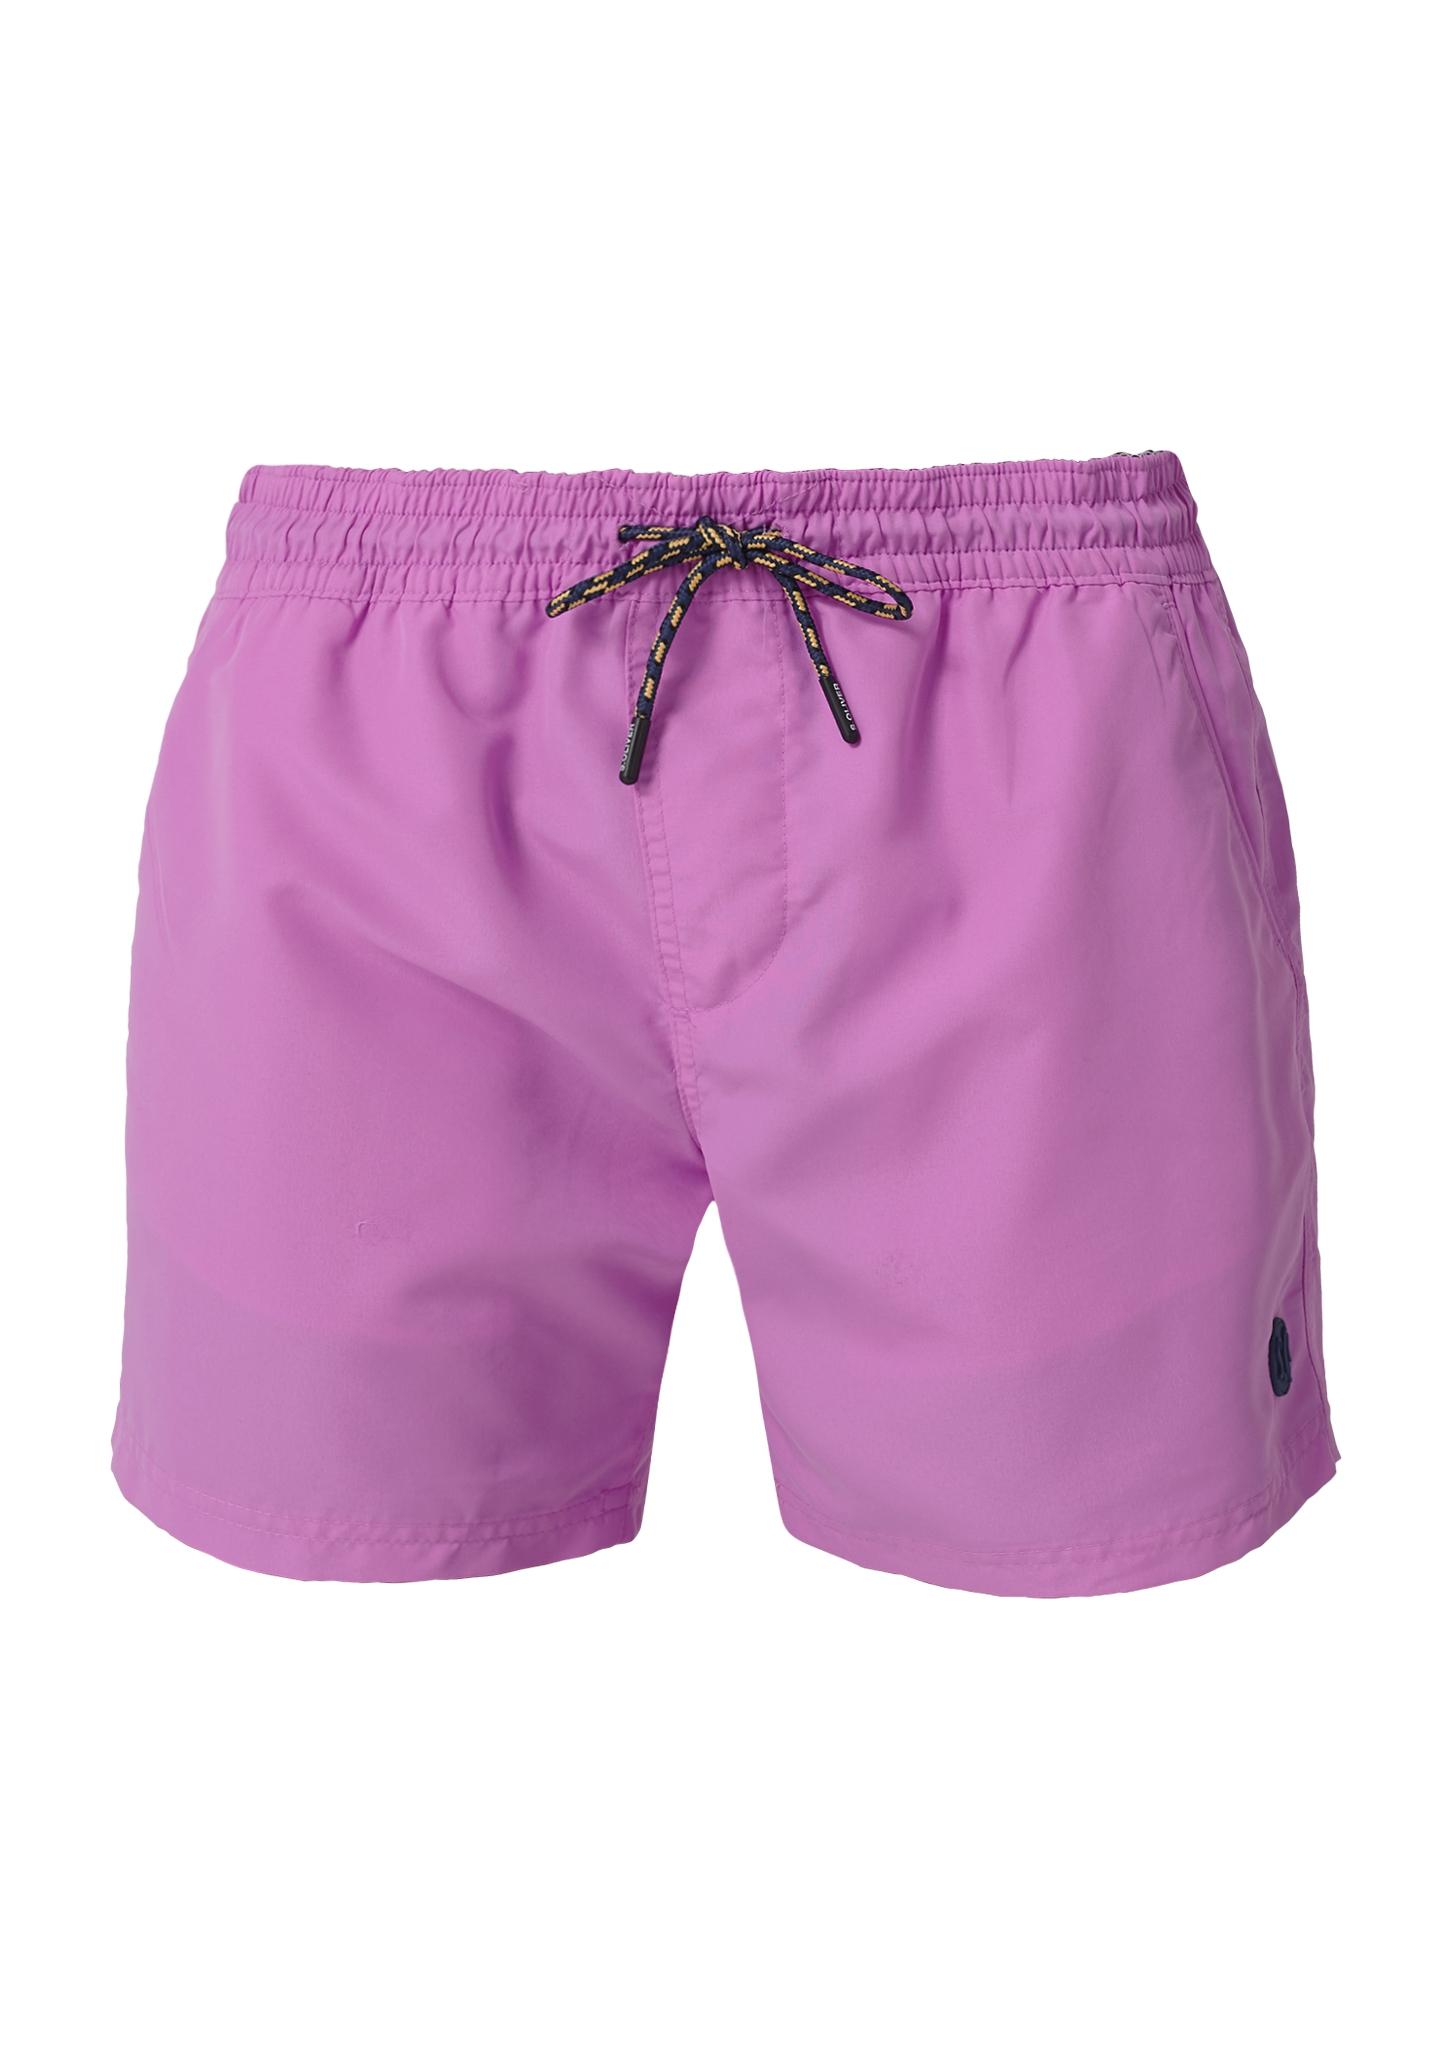 Badehose   Bekleidung > Bademode   Rosa   Oberstoff: 100% polyester  futter: 100% polyester   s.Oliver